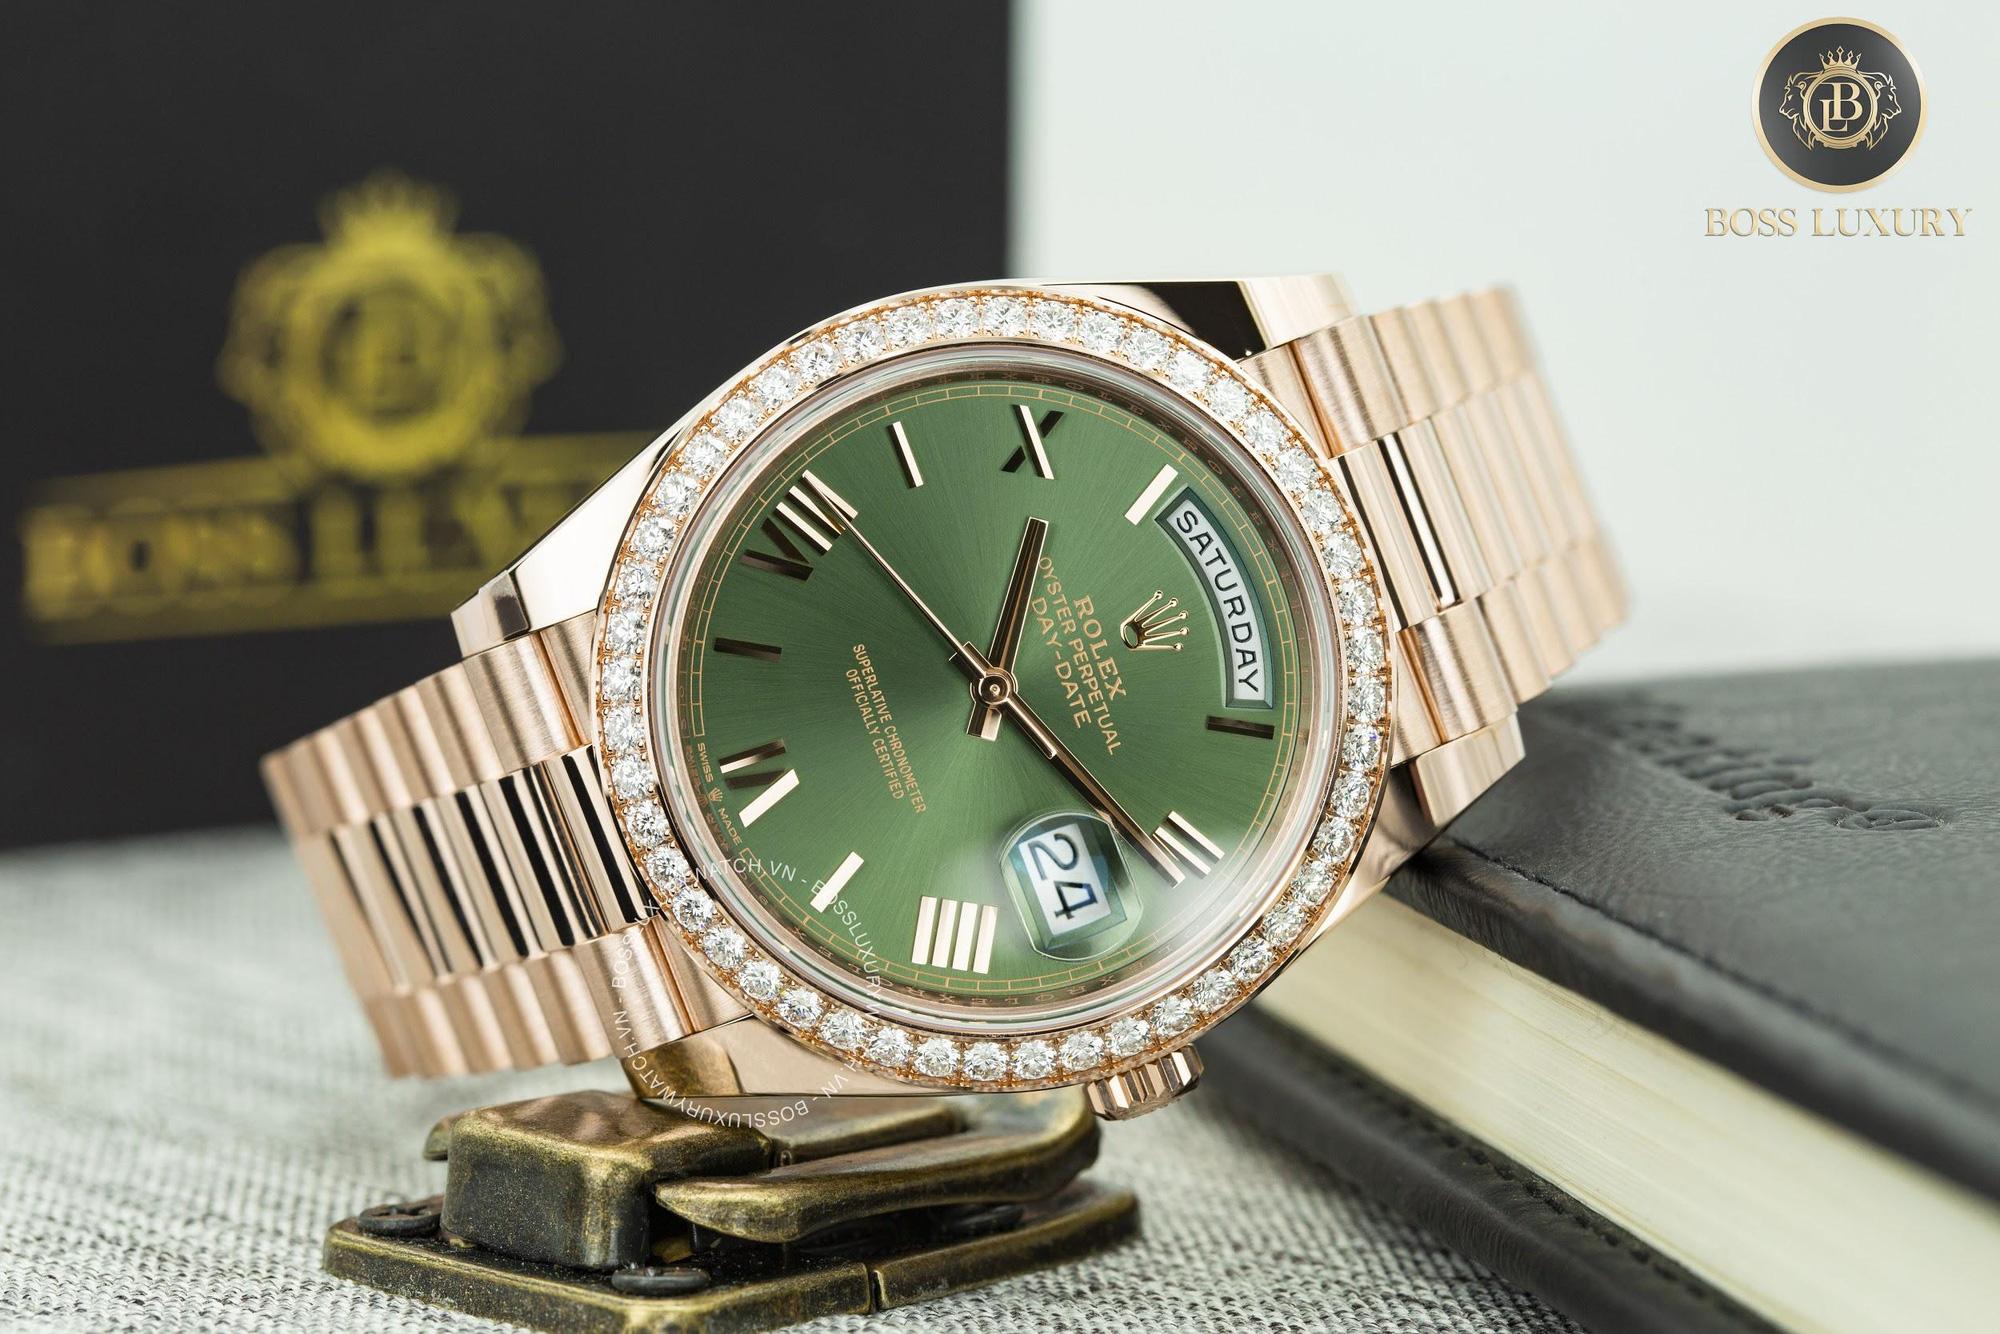 Boss Luxury gợi ý những mẫu đồng hồ đồng hành cùng quý ông chào mừng năm Tân Sửu 2021 - Ảnh 3.